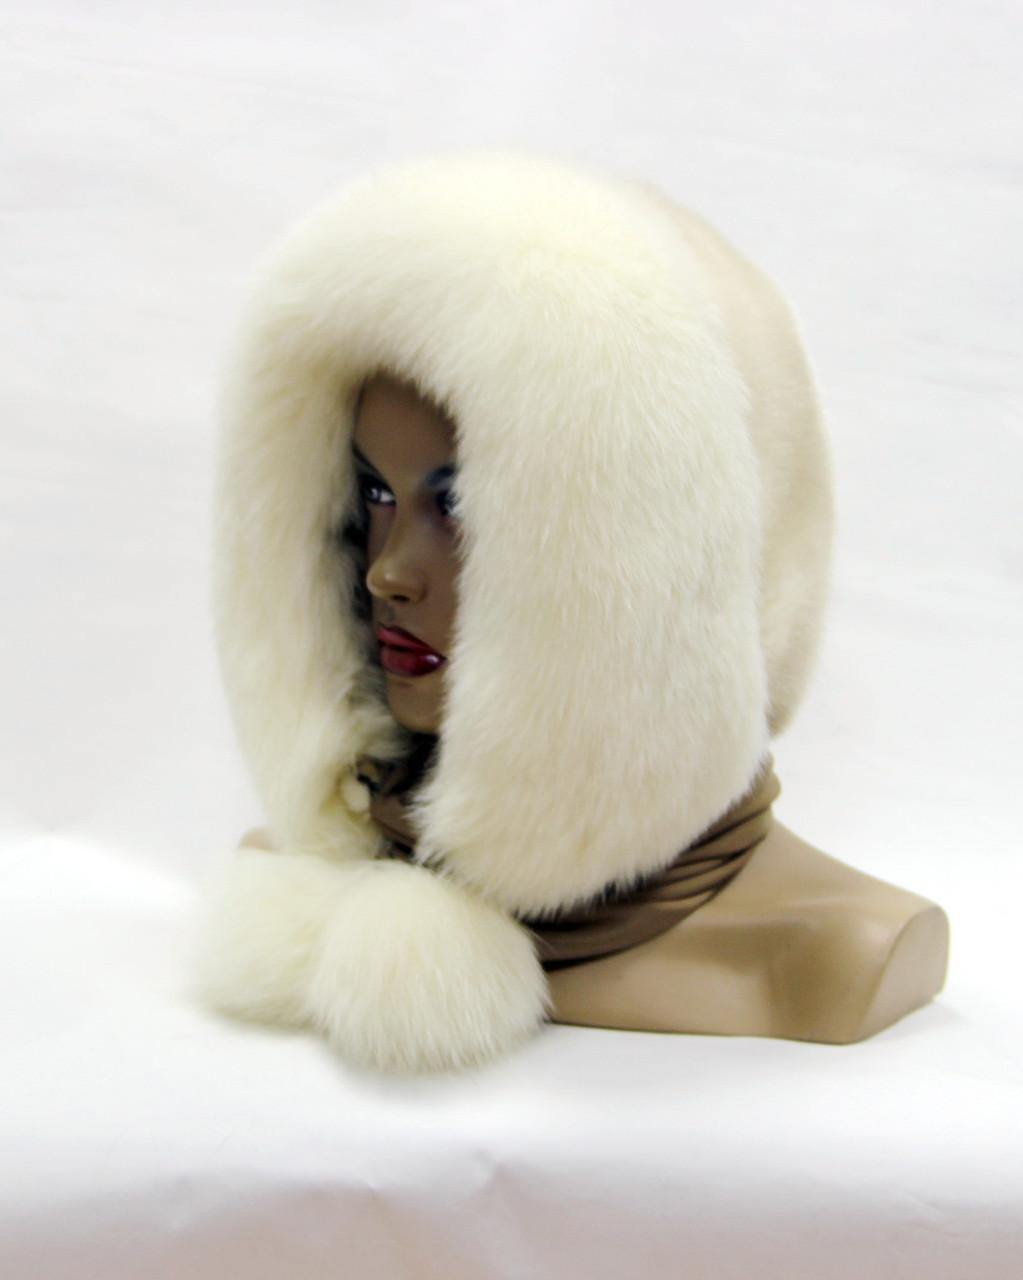 Шарф платок из меха песца и норки (белый-жемчуг) - Меховые шапки, интернет магазин Vecons, женские и мужские шапки, головные уборы, обувь и аксессуары. в Краматорске